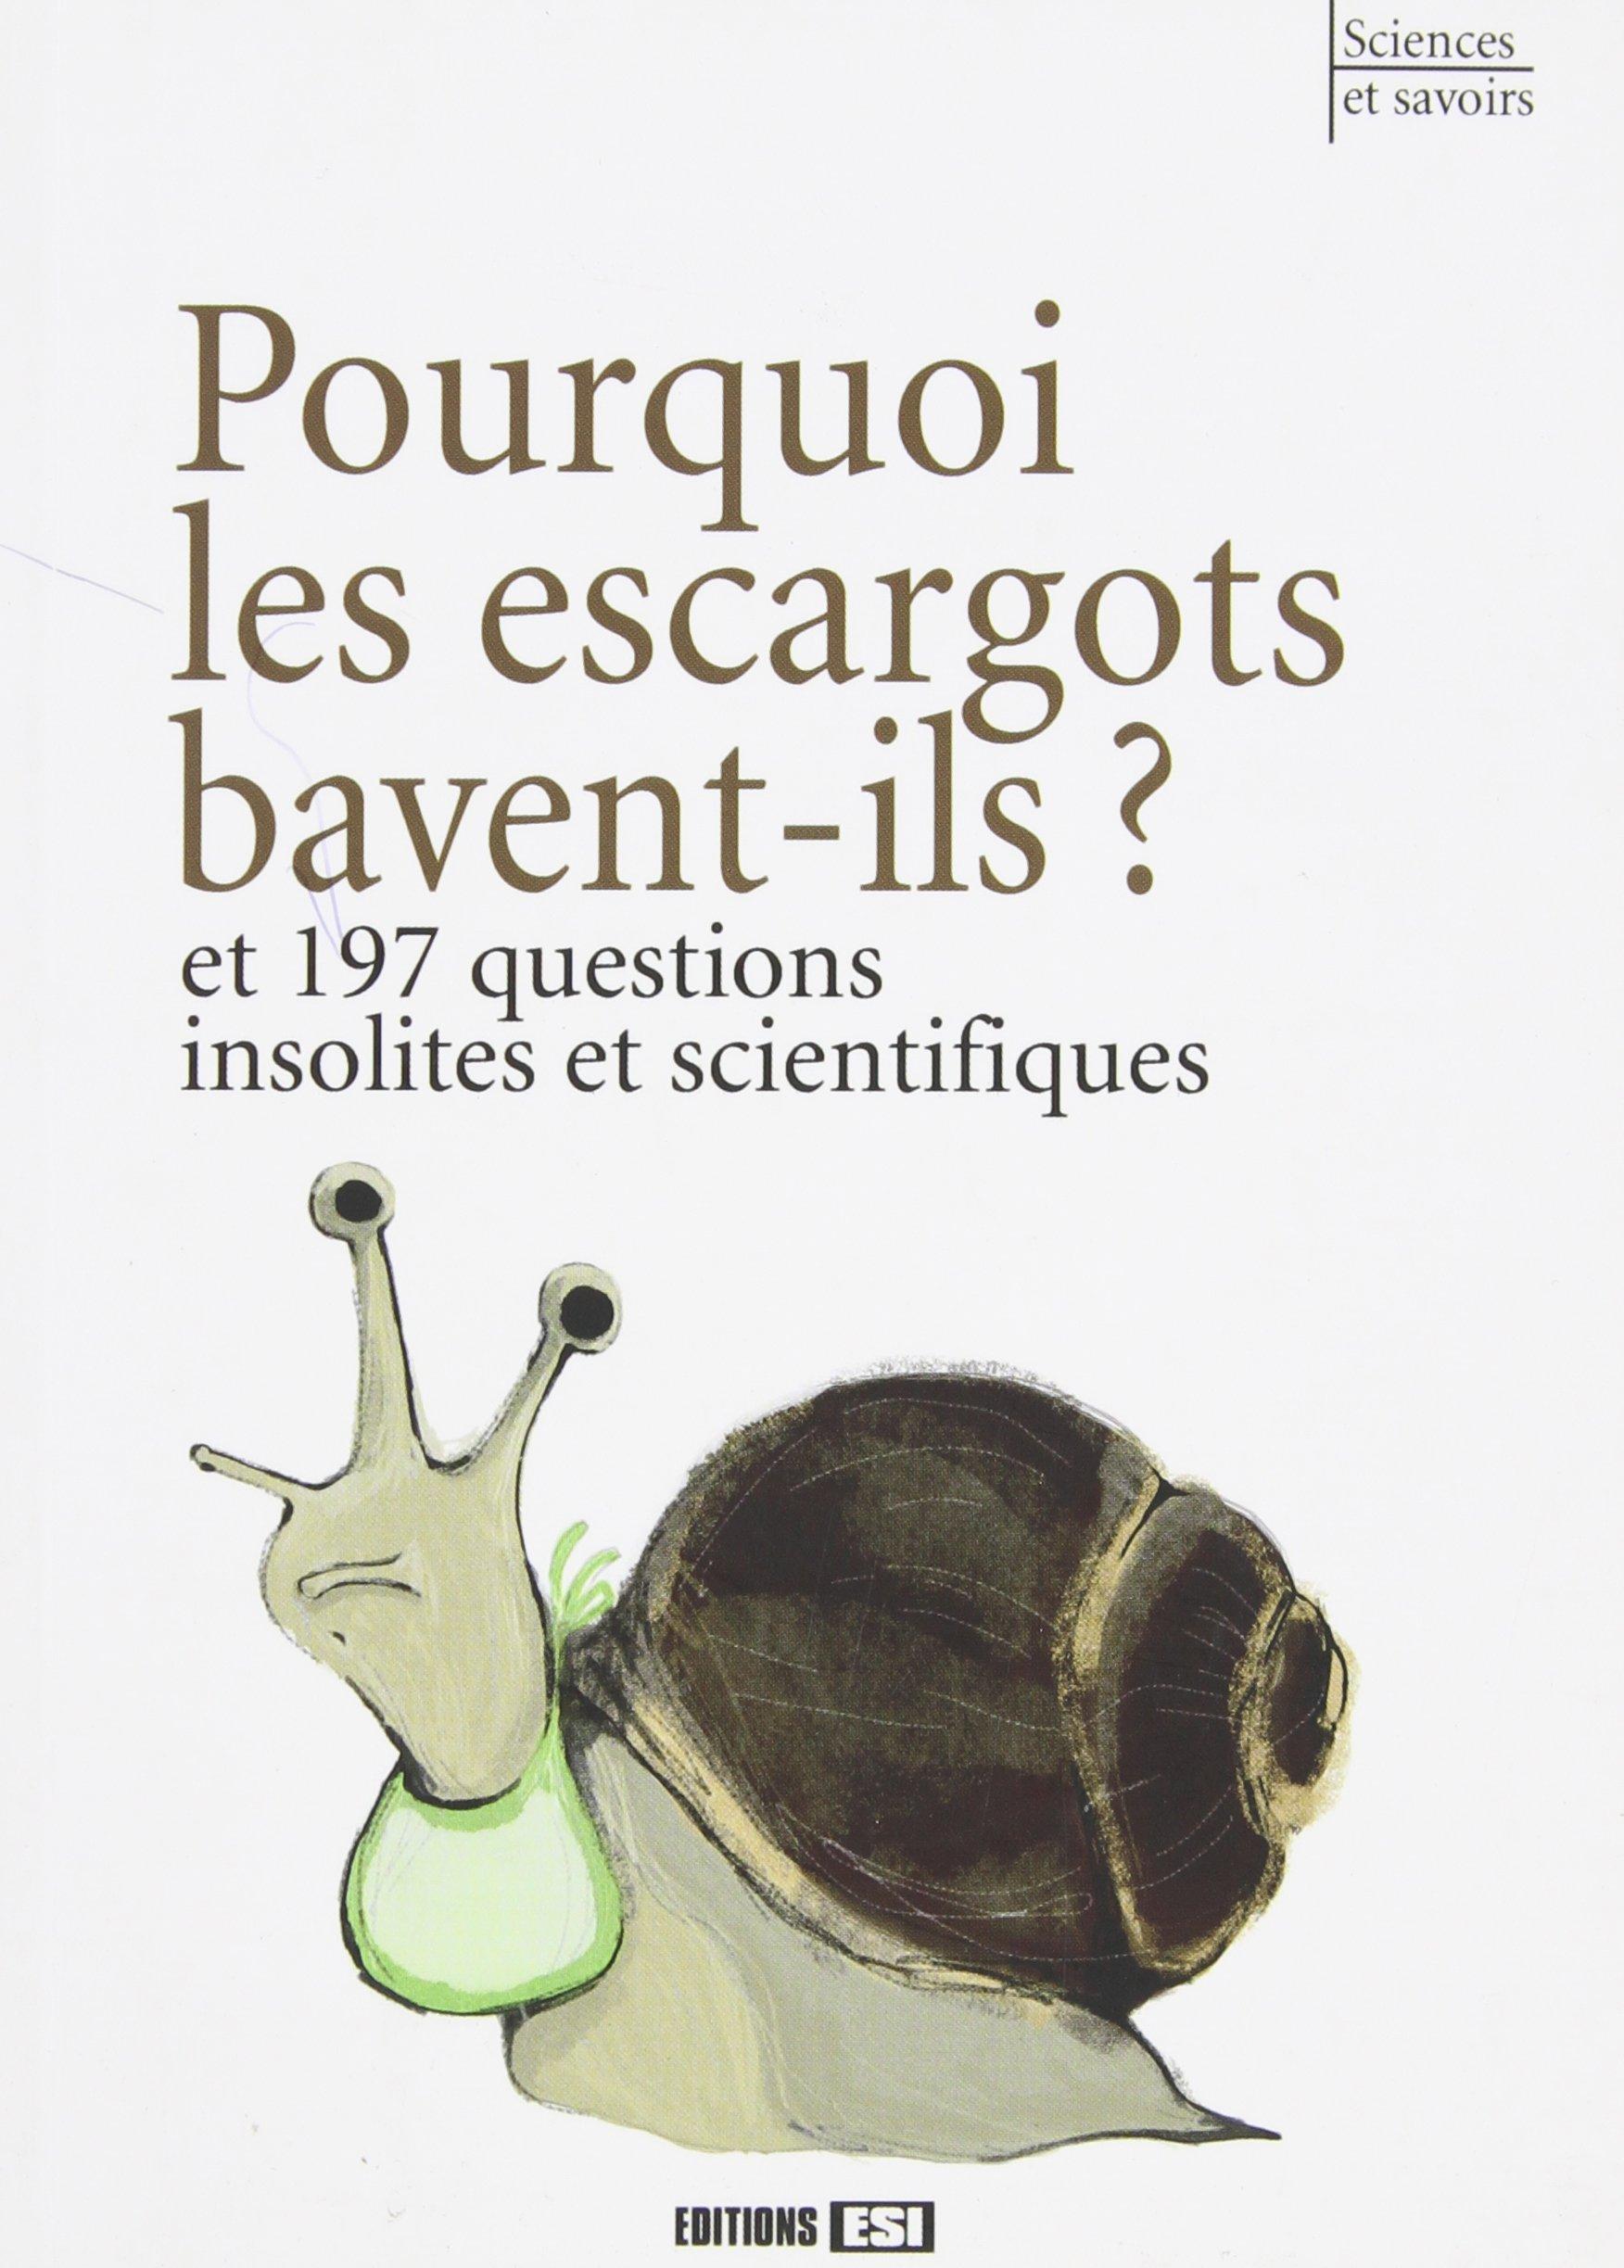 Couverture du livre Pourquoi les escargots bavent-ils ? des éditions ESI